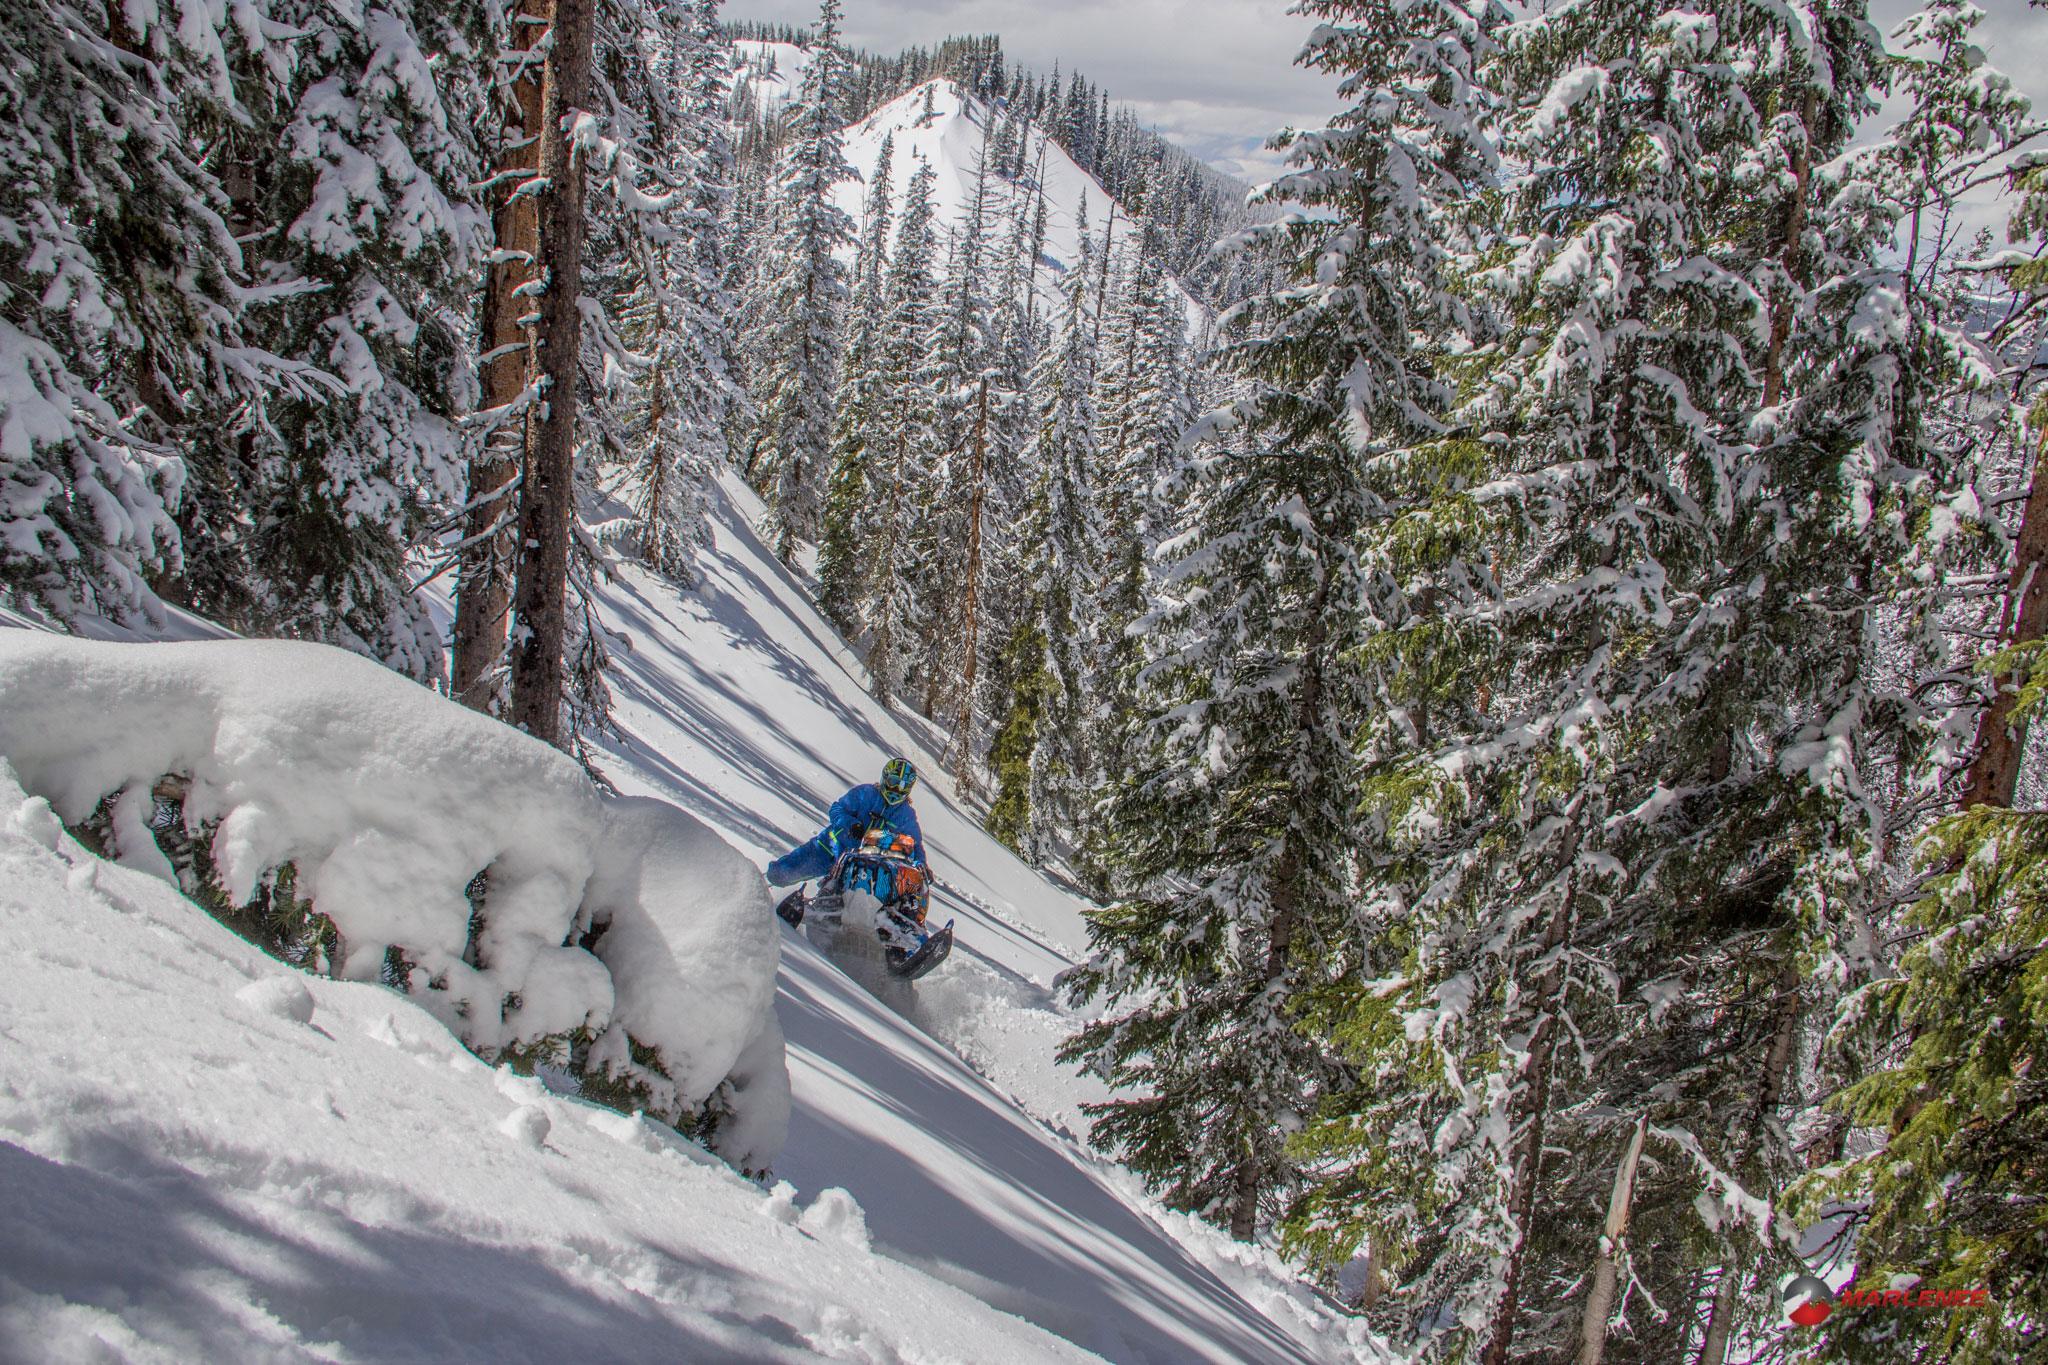 Adam Onasch in the Sticky Spring Snow - Photo by Matt Entz